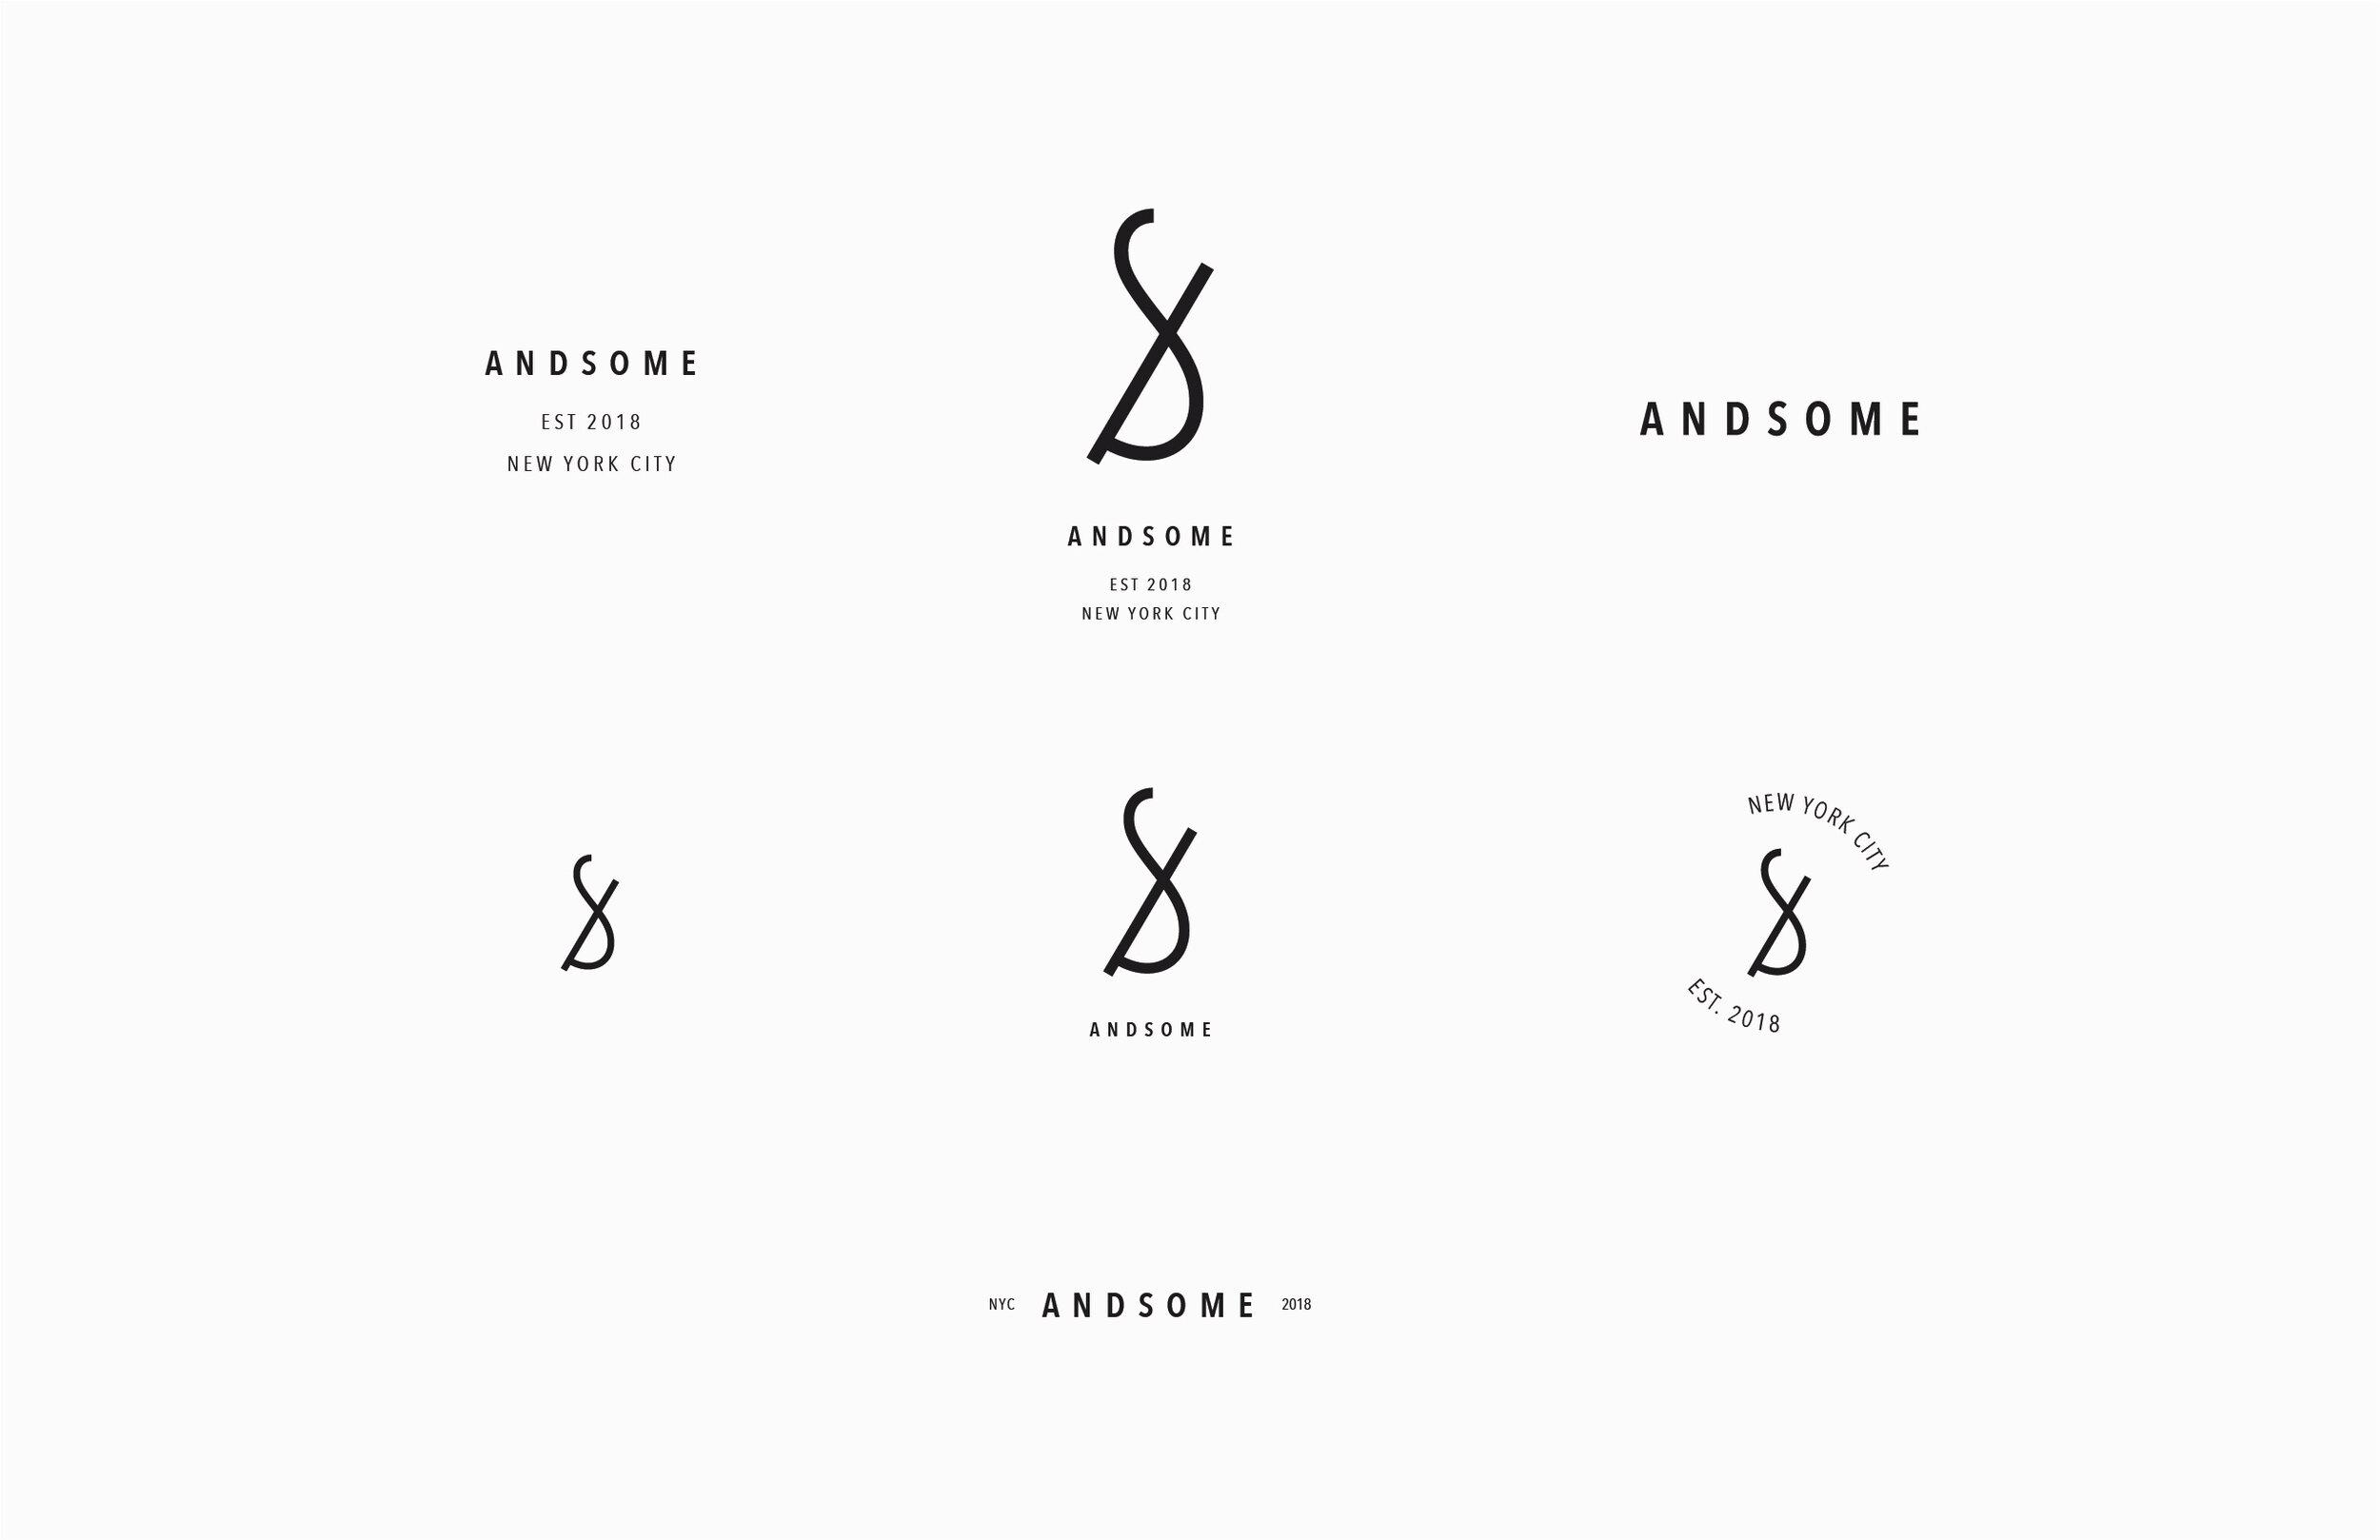 AndSomeLogo01-04.jpg